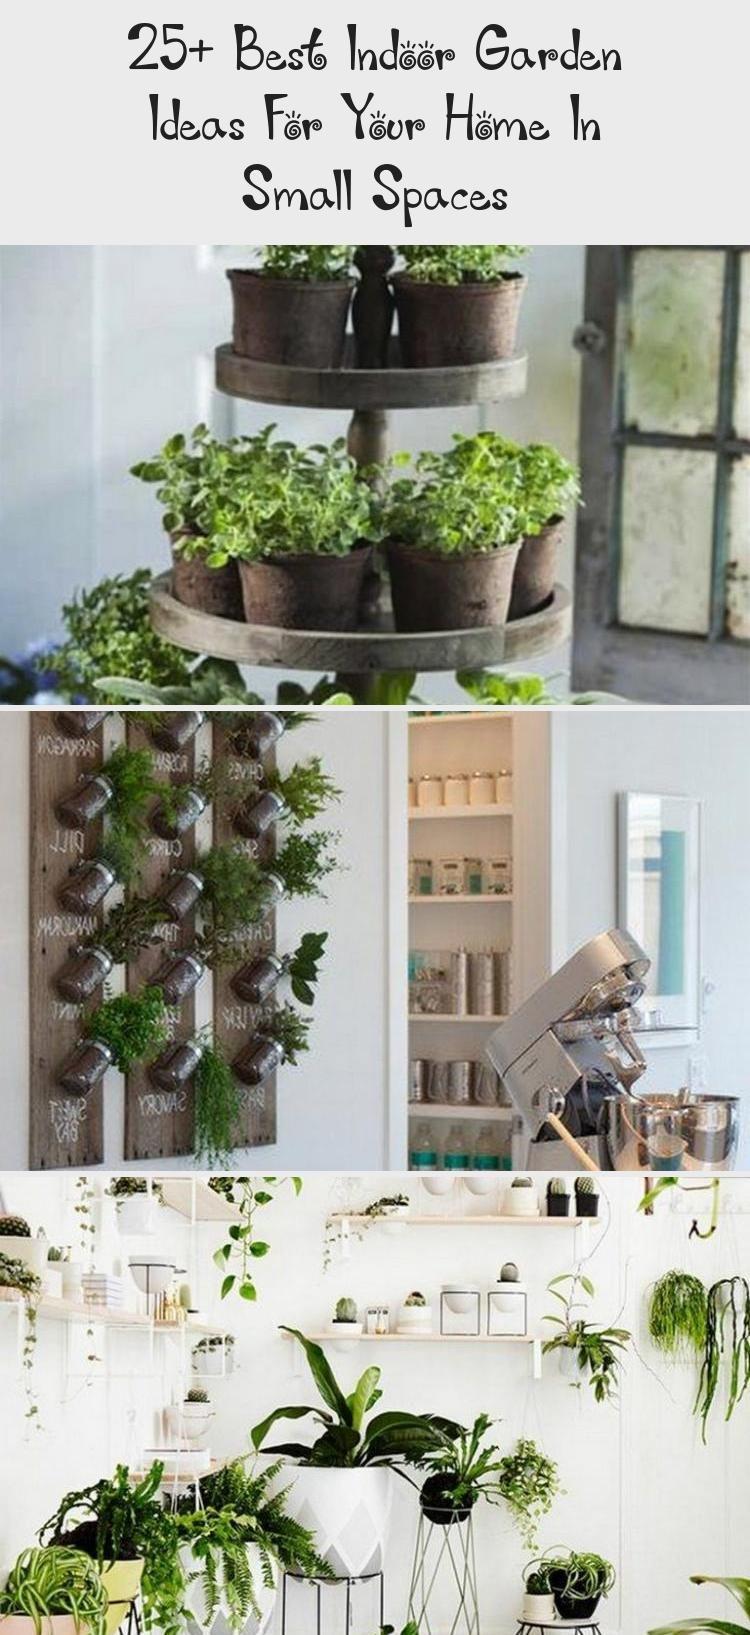 25 Best Indoor Garden Ideas For Your Home In Small Spaces Indoor Indoorgarden Indoorgardenideas Indoorgarde In 2020 Indoor Garden Small Space Gardening Zen Garden